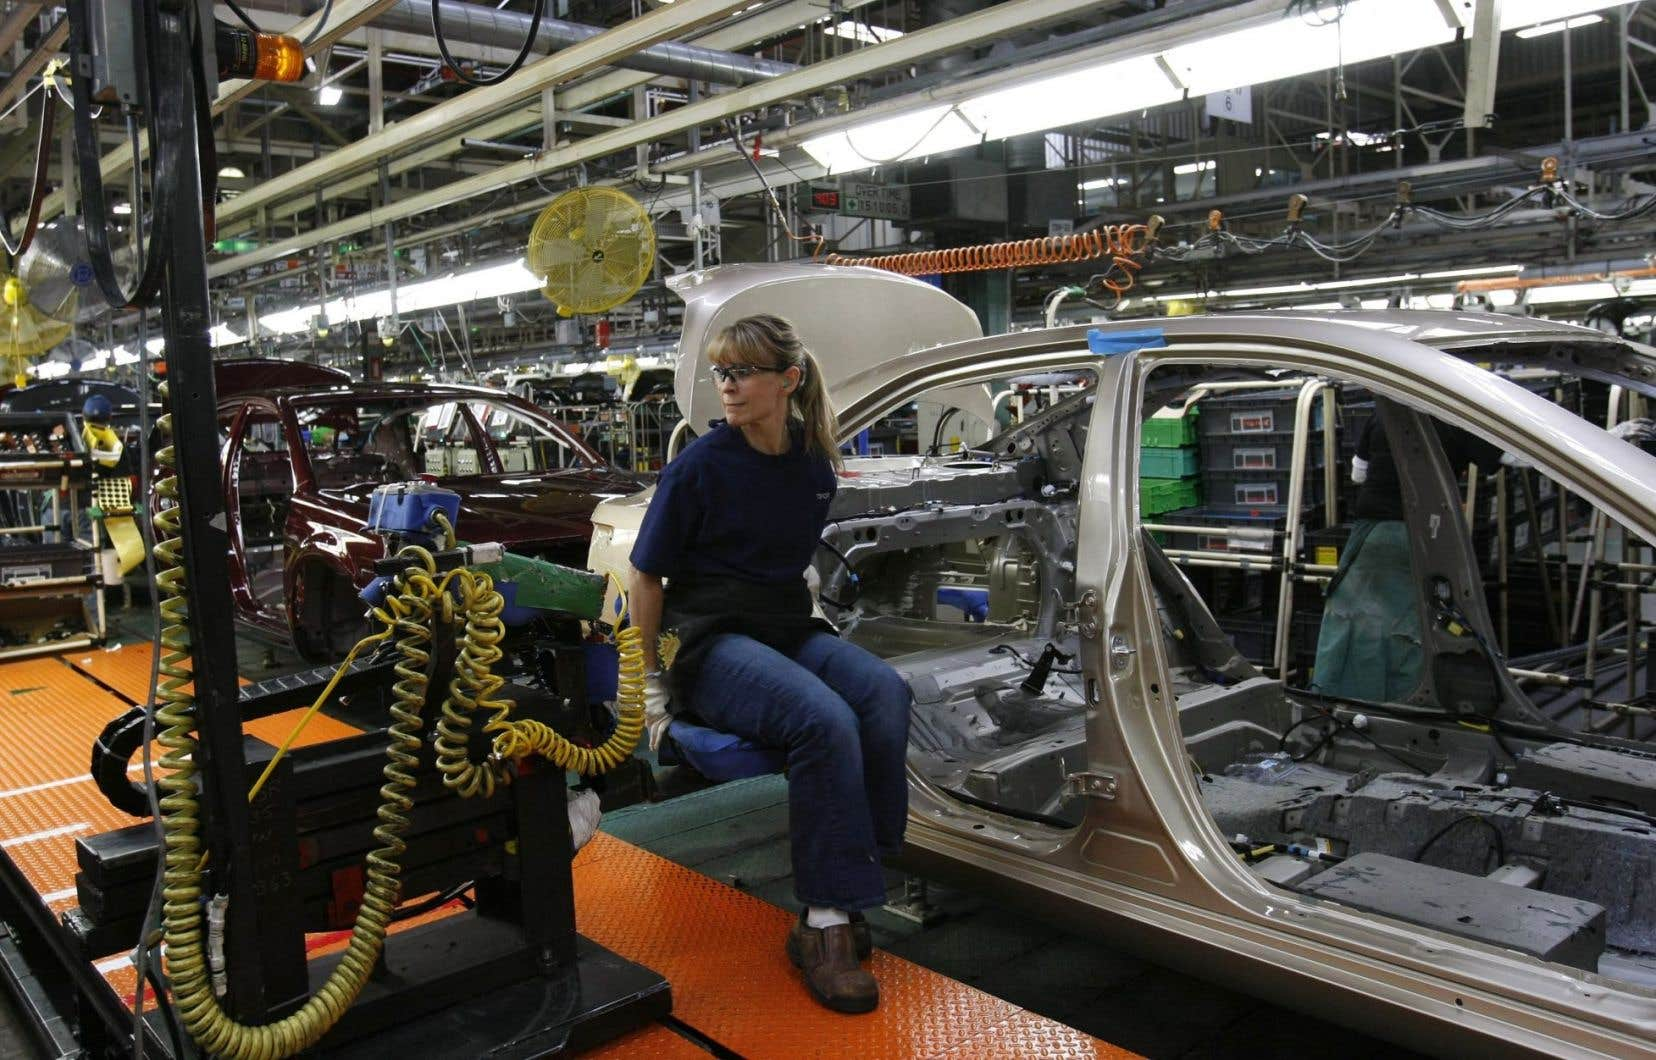 Toyota réplique que cet investissement représente plutôt la culmination d'au moins quatre ans de travaux dans le but de relancer la Camry, qui est depuis longtemps la voiture la plus vendue aux États-Unis.